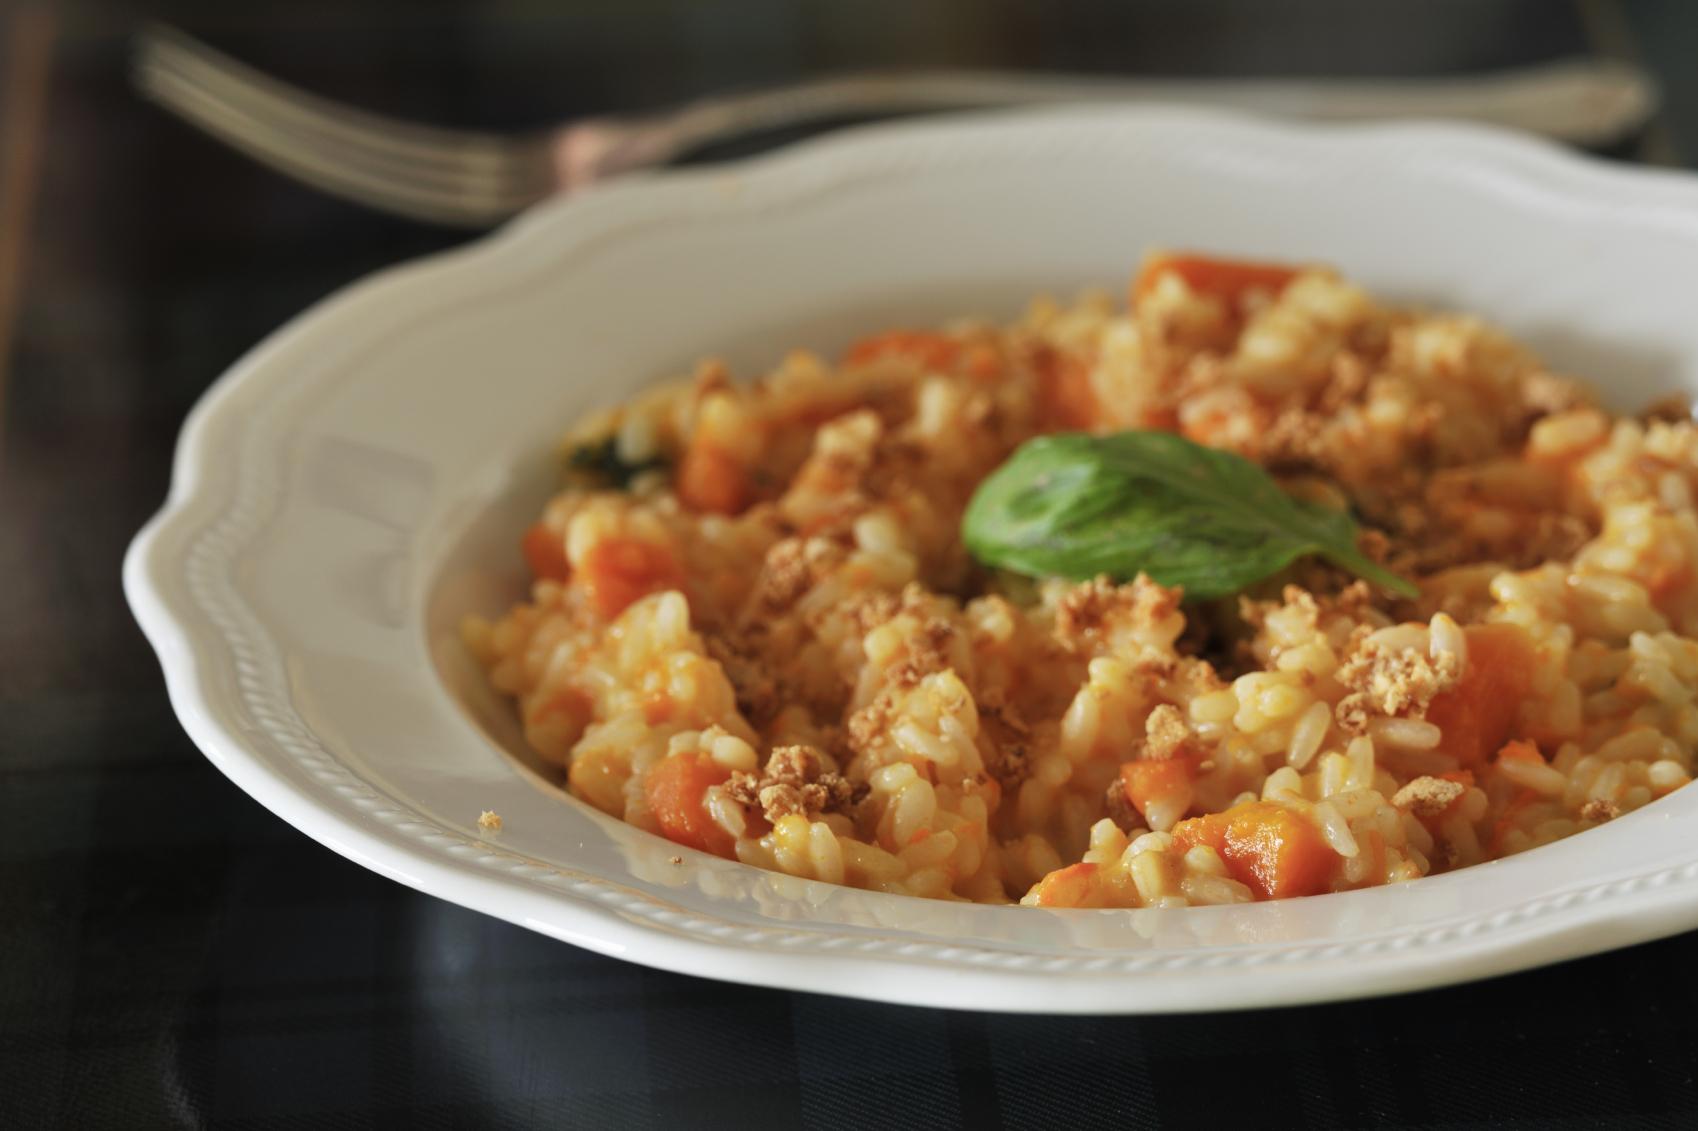 Bowl of Italian risotto